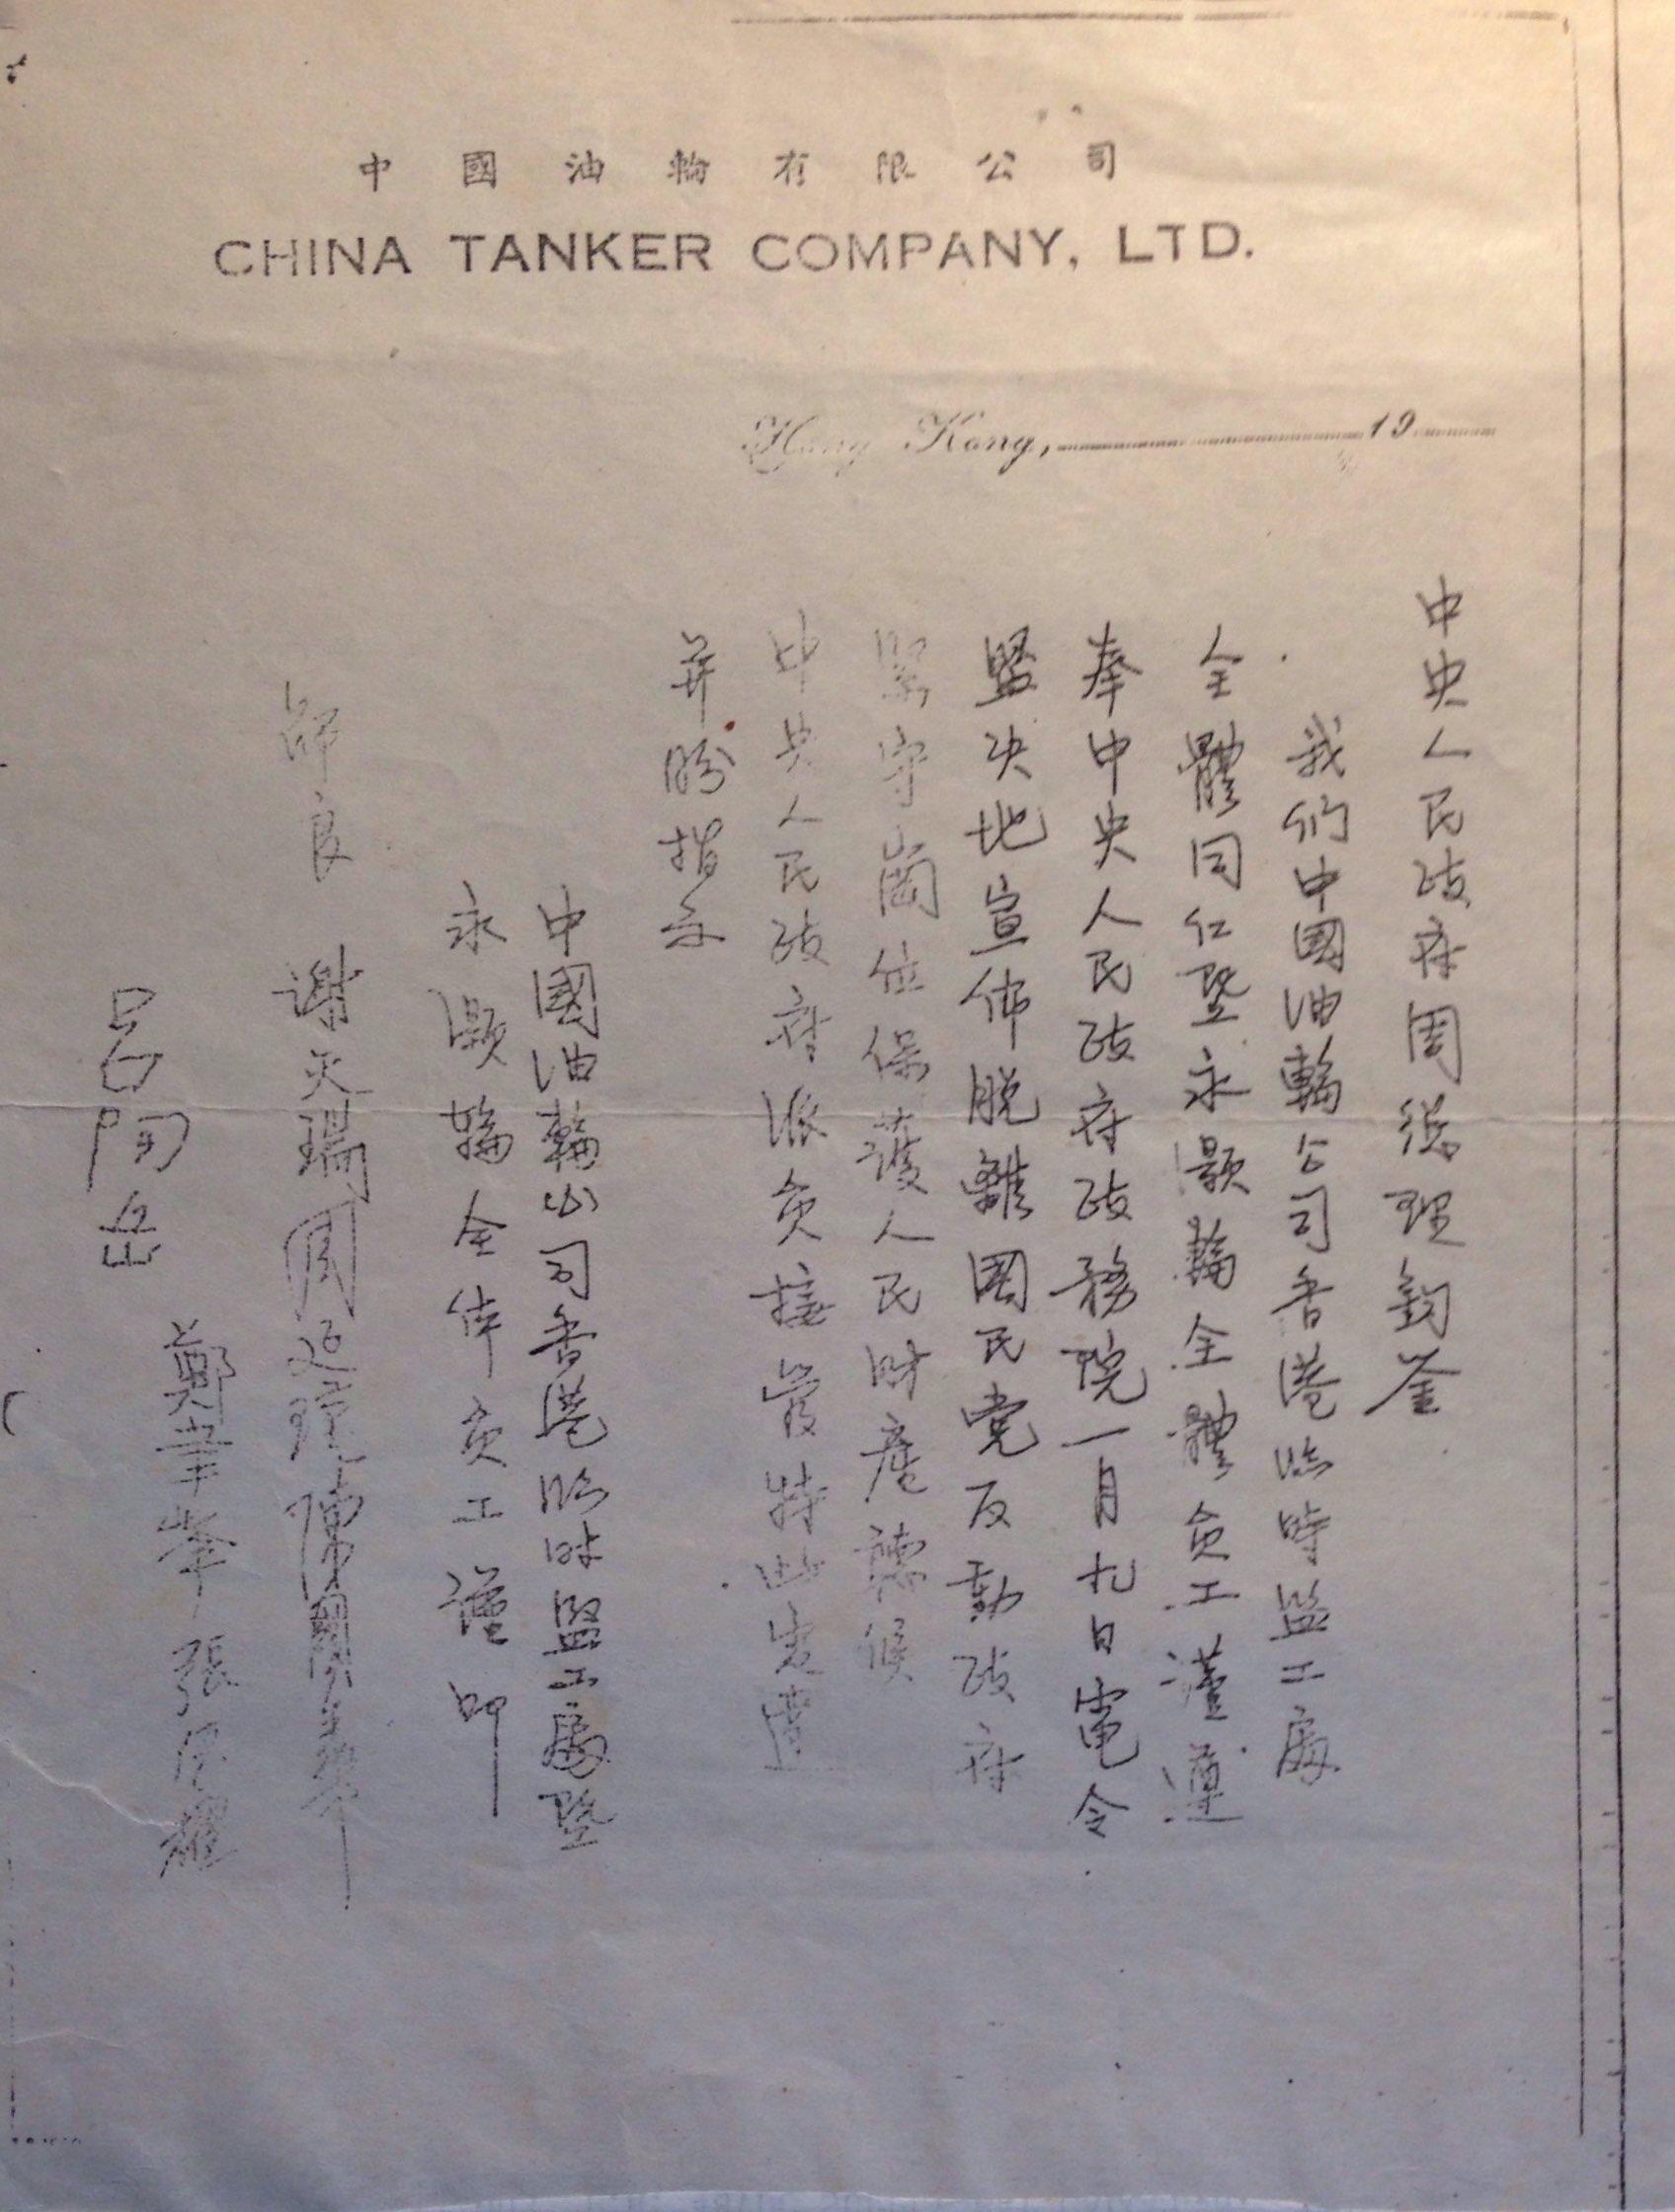 字跡已經模糊的一封信,是中國郵輪有限公司永灝油輪全體員工寫給周恩来總理